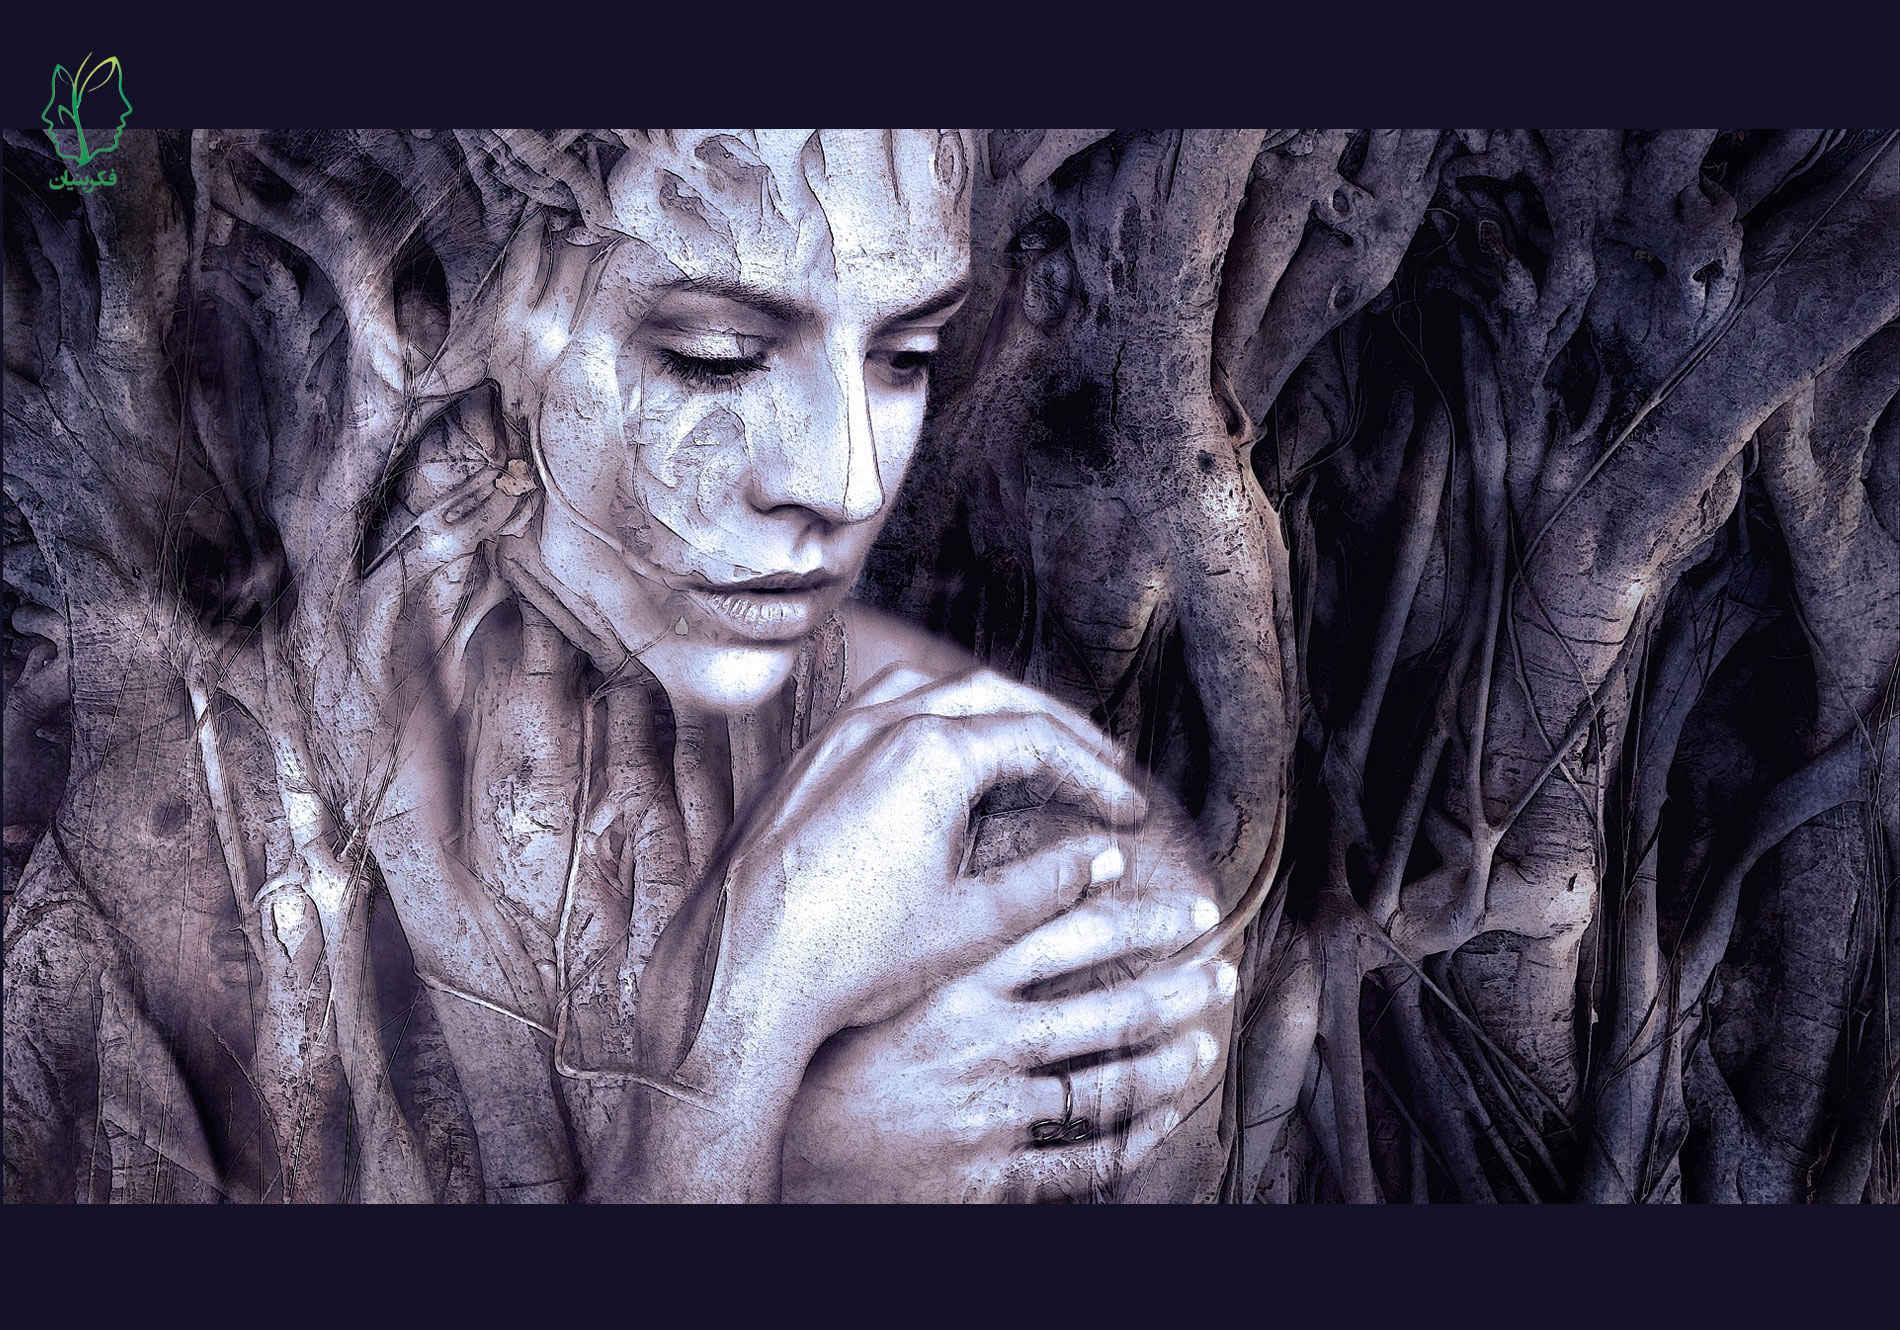 وقتی نوعی رنج عاطفی حلنشده داشته باشید، زندگی شروع به پیچیده شدن میکند.